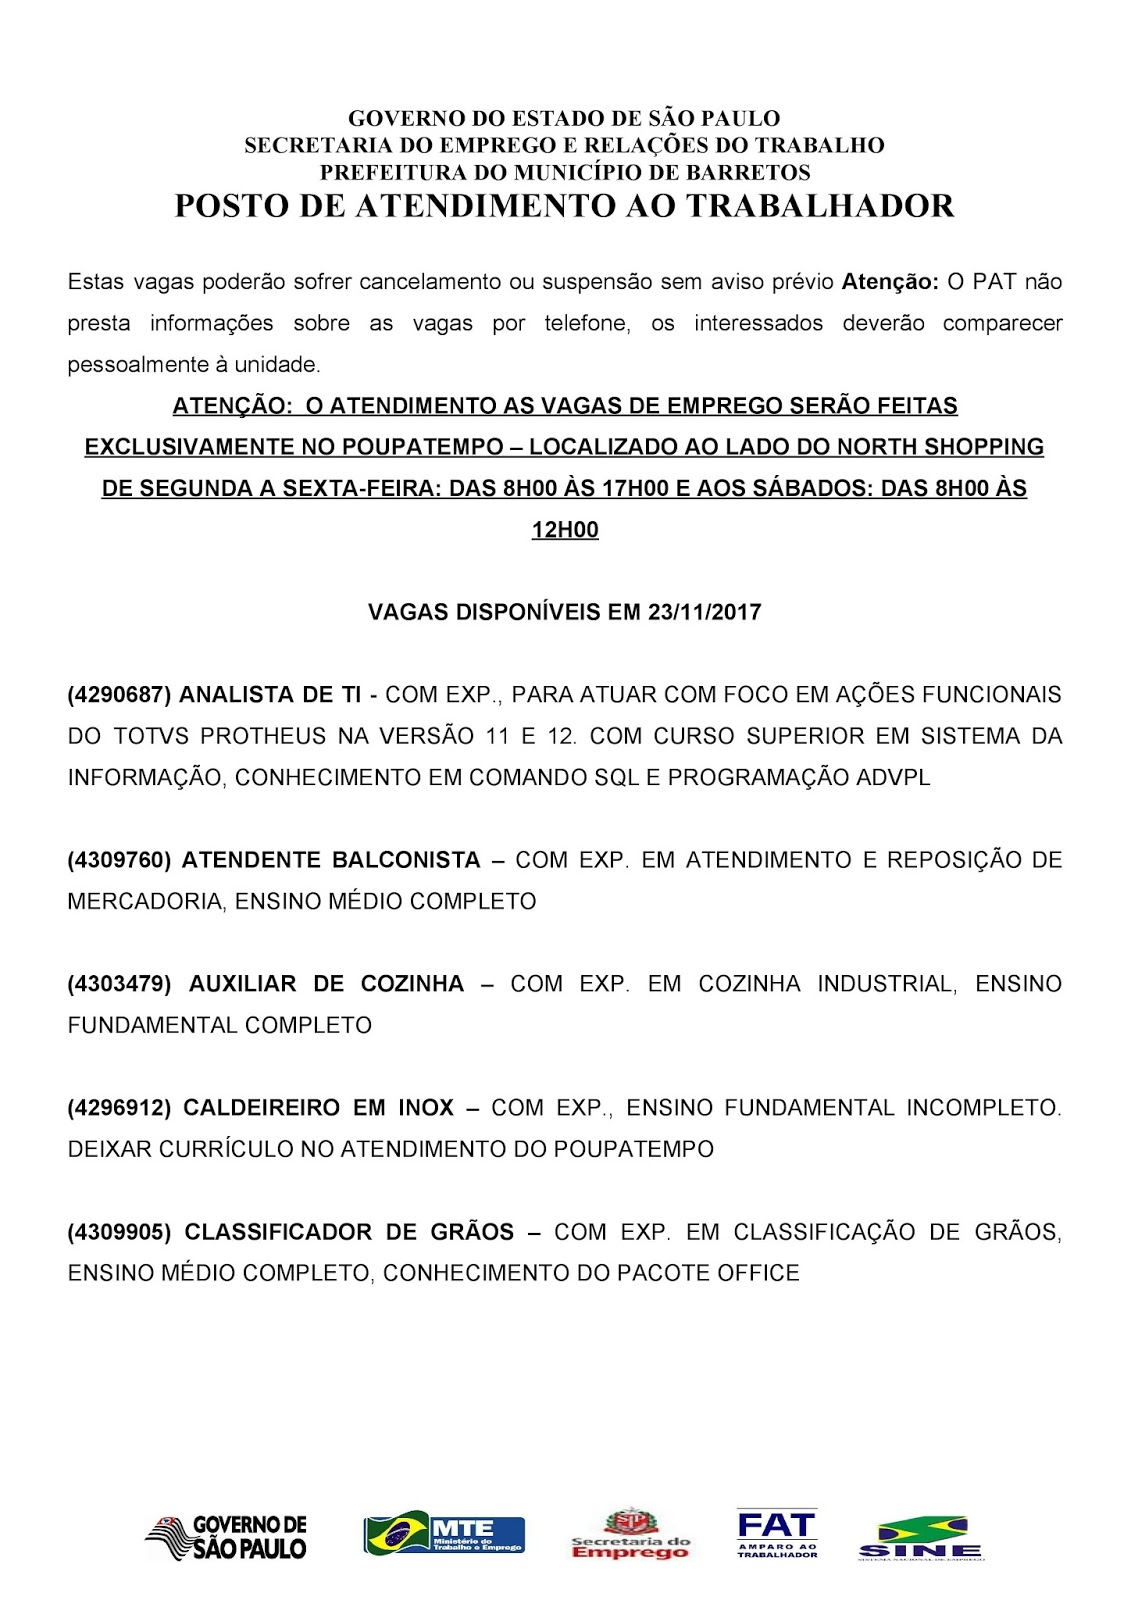 VAGAS DE EMPREGO DO PAT BARRETOS-SP PARA 23/11/2017 QUINTA-FEIRA - Pag. 1